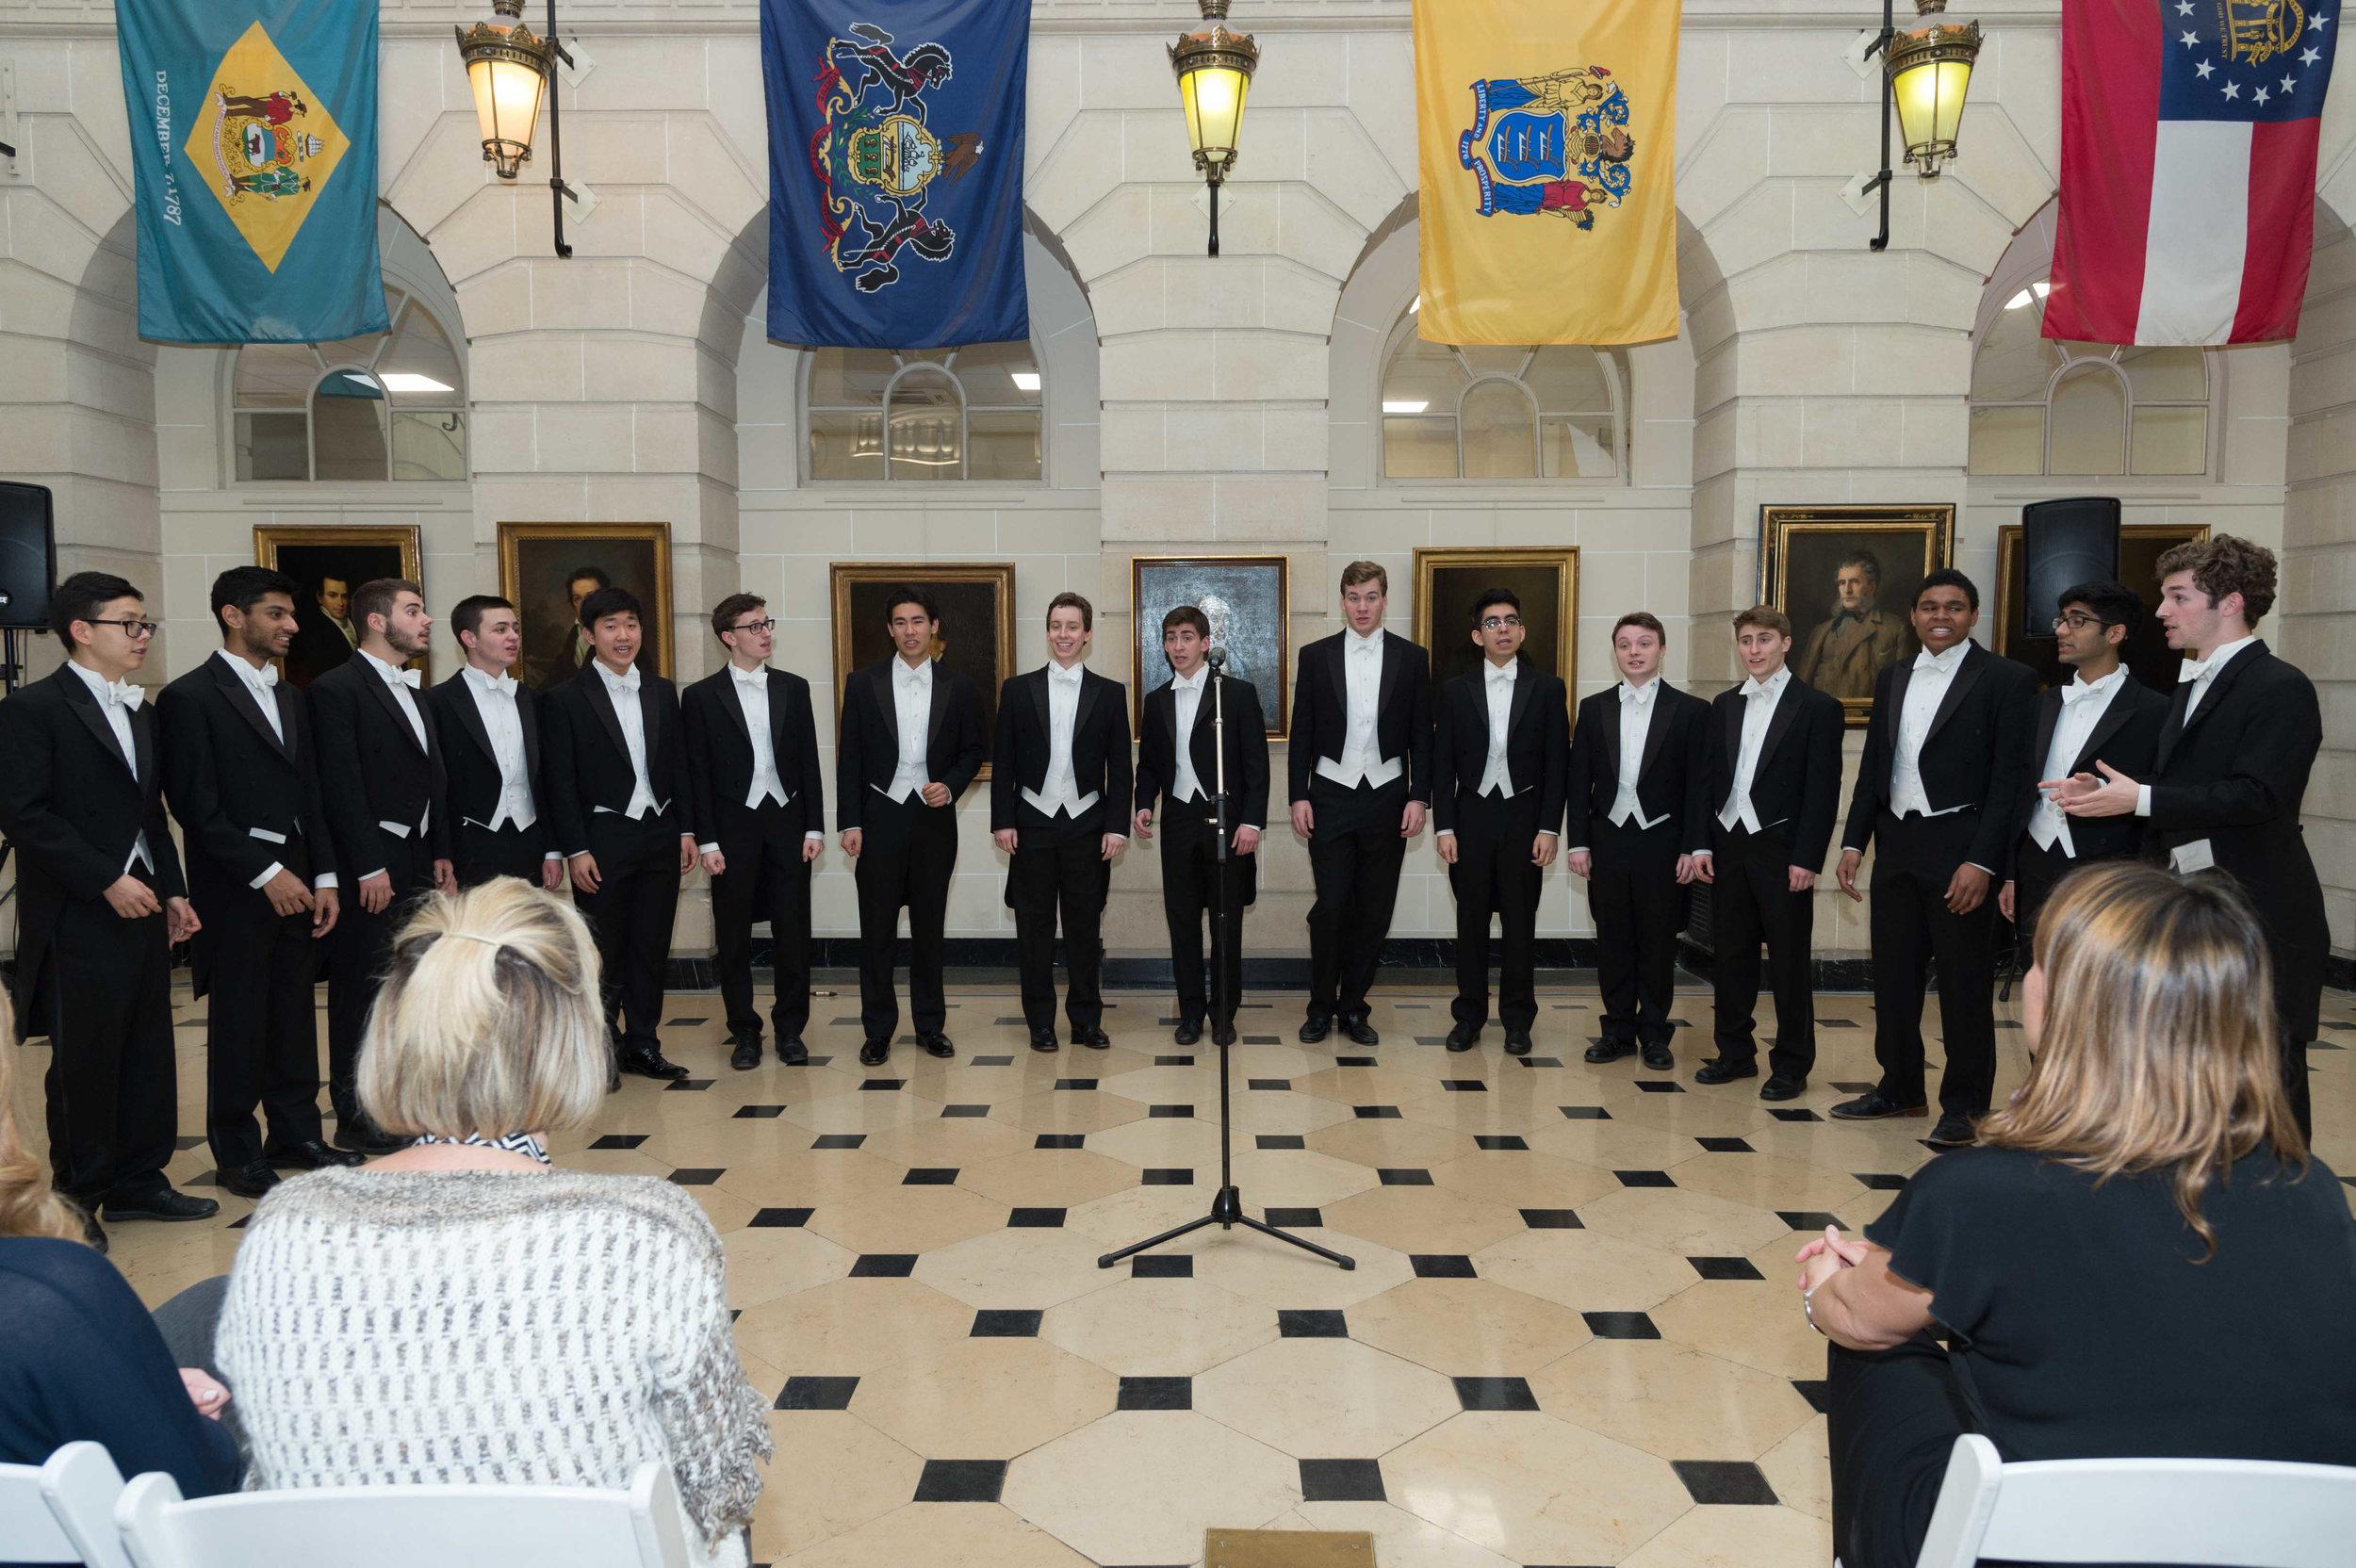 YAC singing at the Embassy